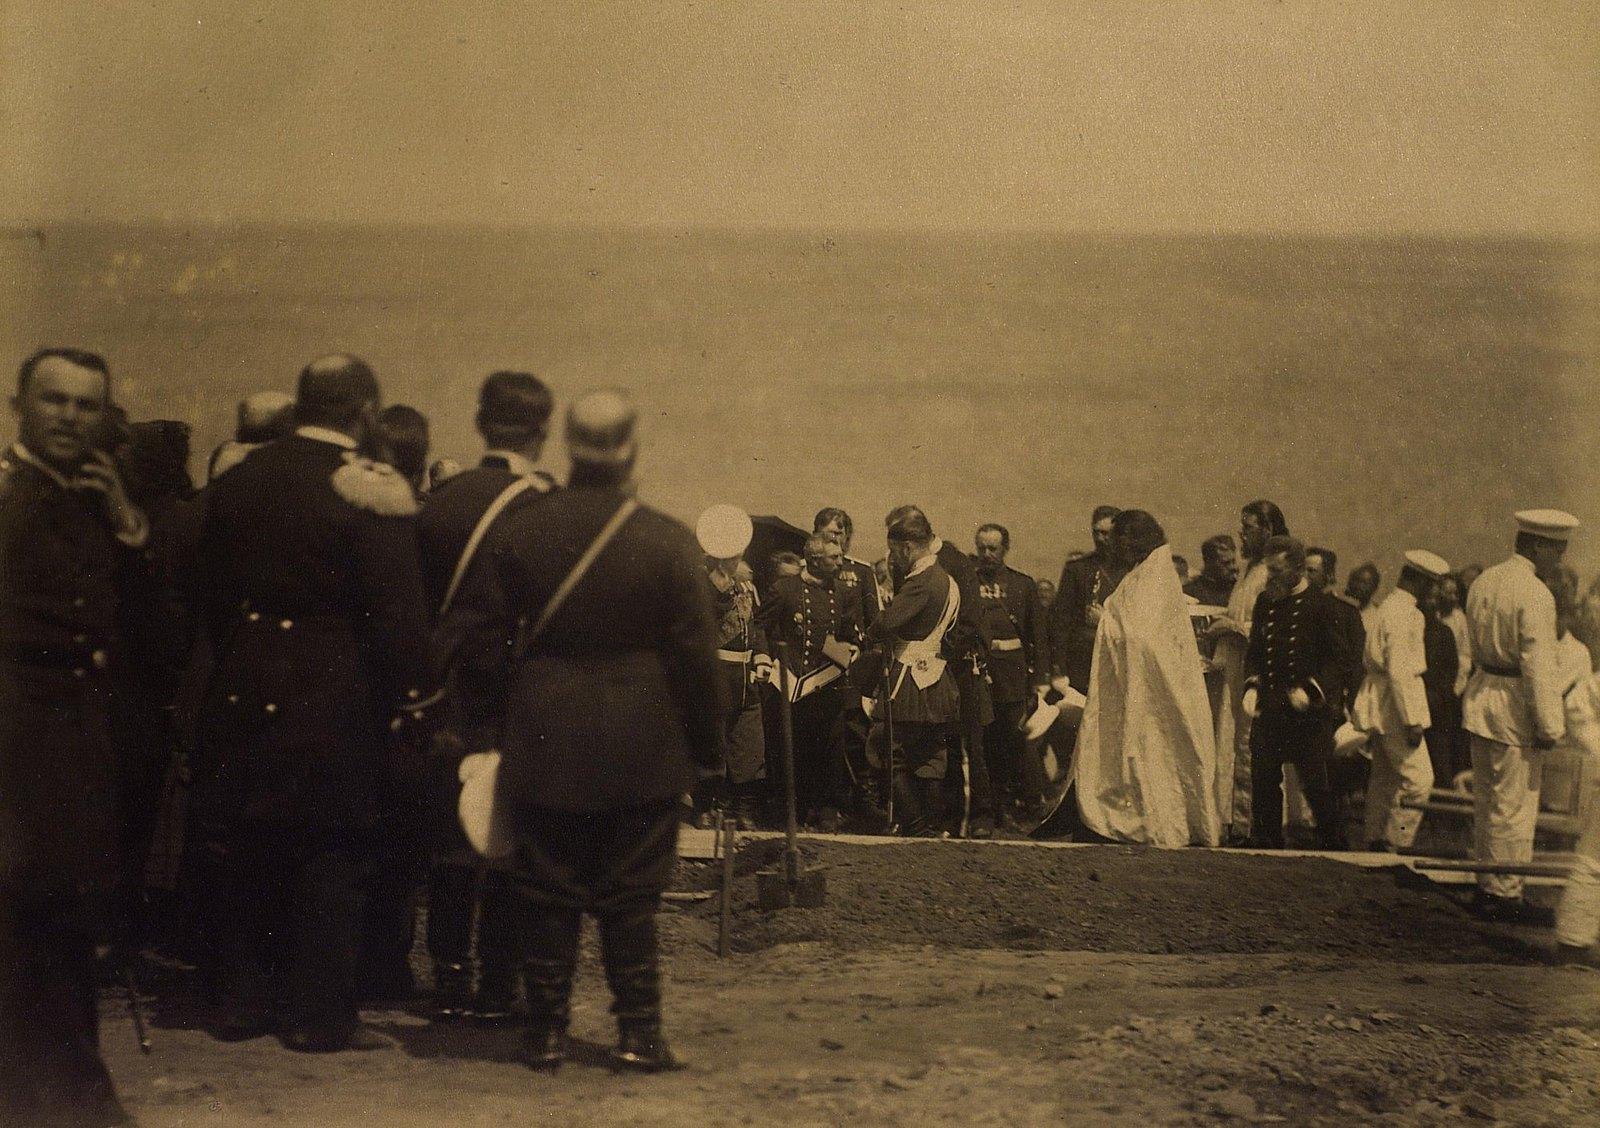 13. 1891. Владивосток. Закладка Великой Сибирской ж. д. Е. И. В. наследником цесаревичем.